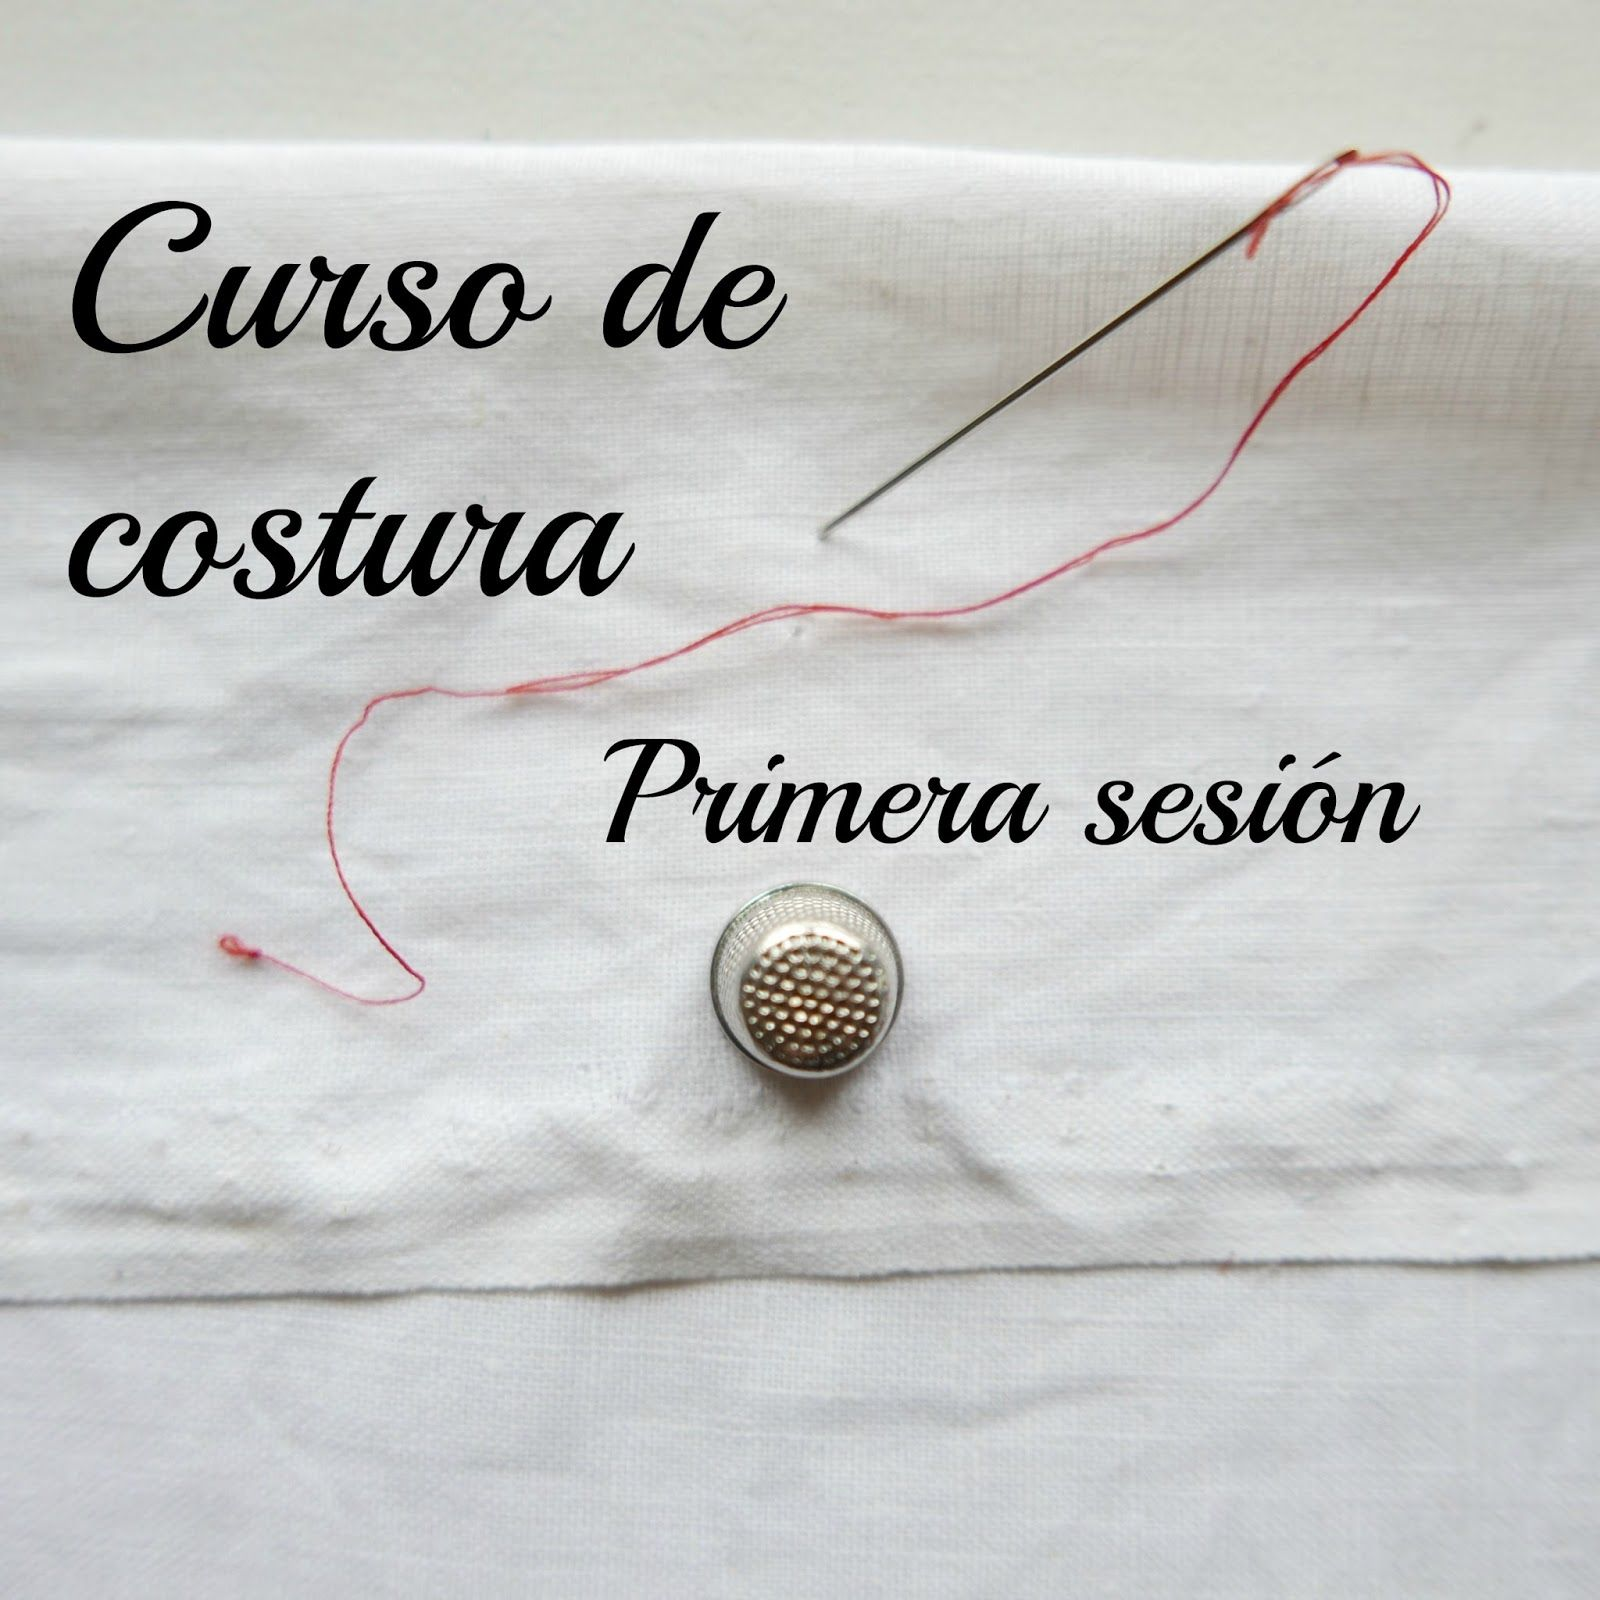 Curso costura : aprender a coser | Costura | Pinterest | Costura ...